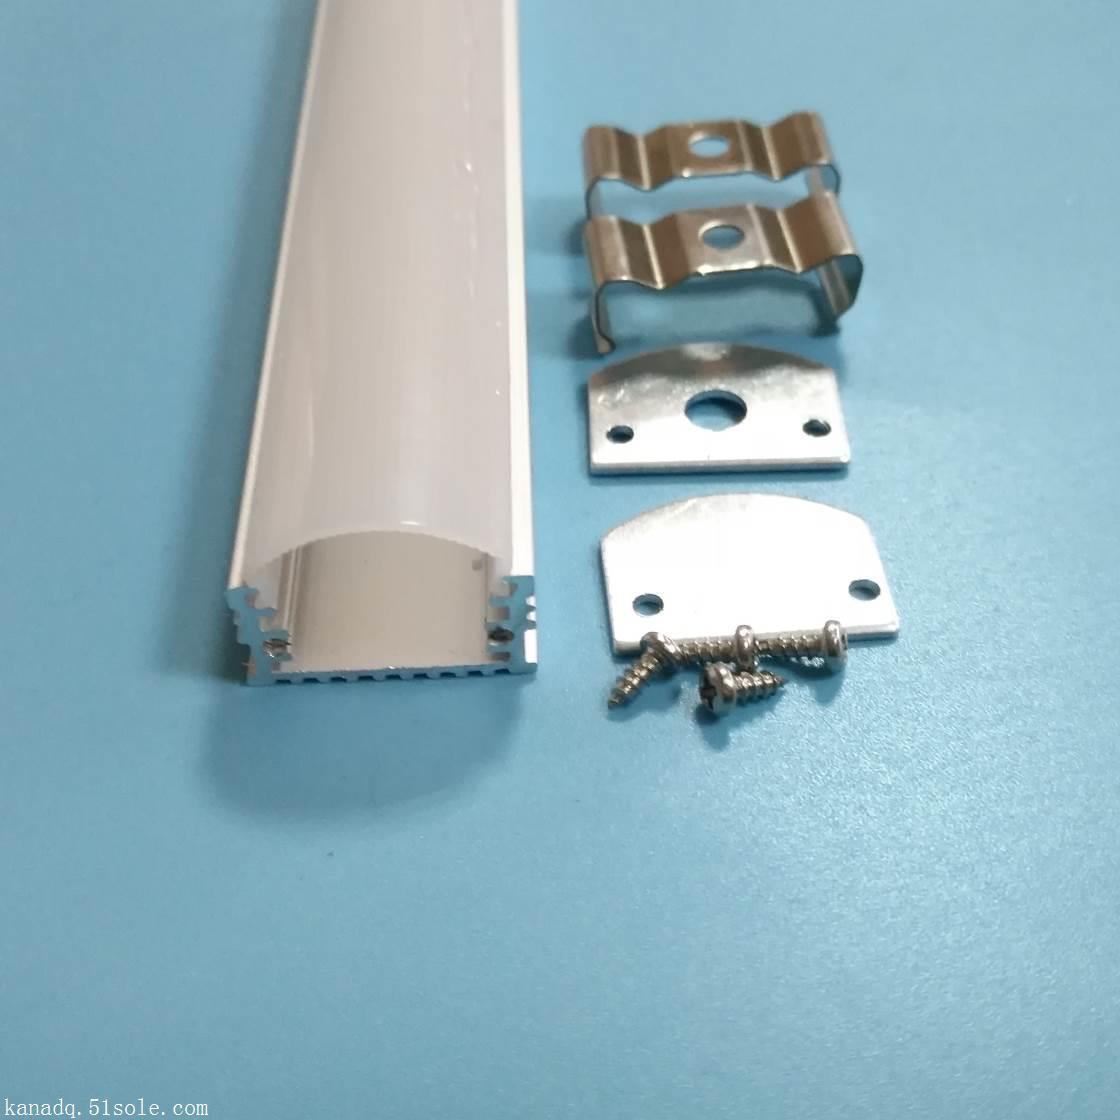 佛山杰鼎JD-83 U形硬灯条铝槽.线条灯铝槽套件.带PC罩铝槽配件